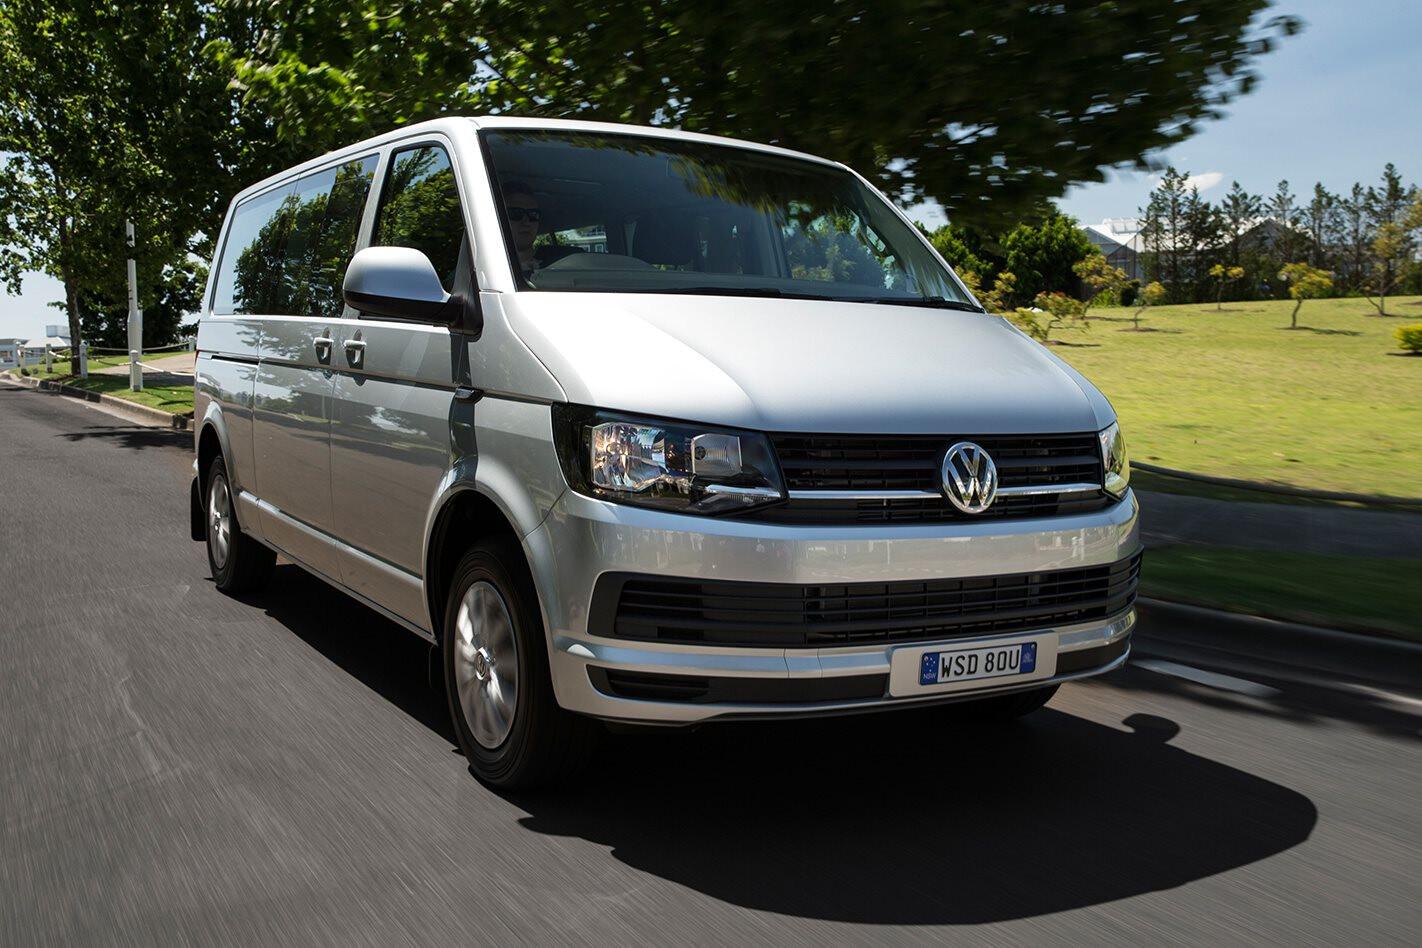 2016 Volkswagen T6 Transporter review